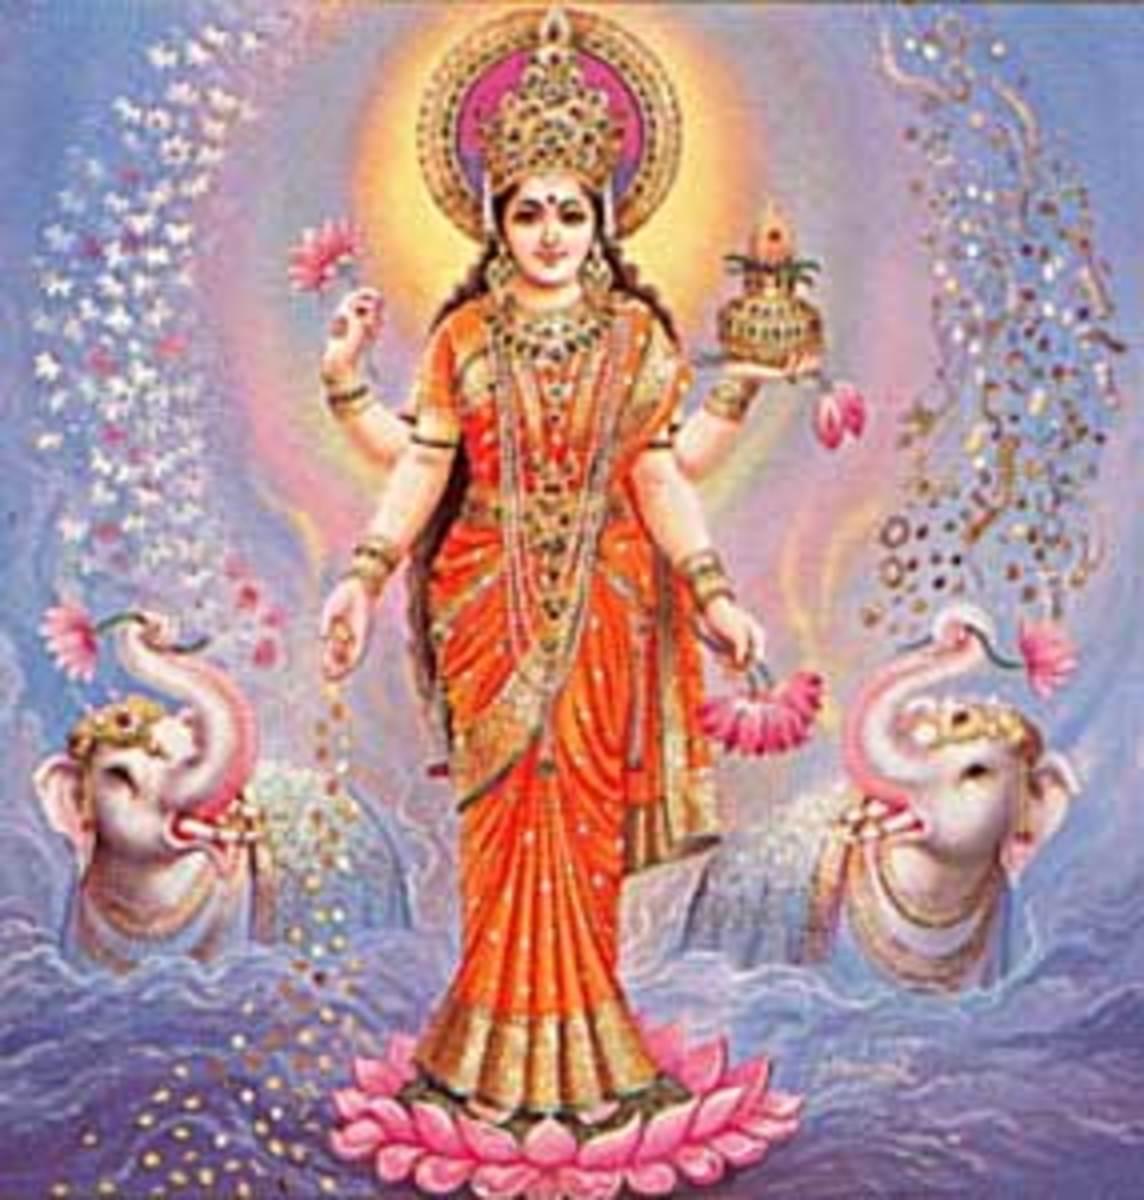 Ancient Sanskrit Chant of Abundance - Om Gum Shrim Maha Lakshmi Yei Swaha